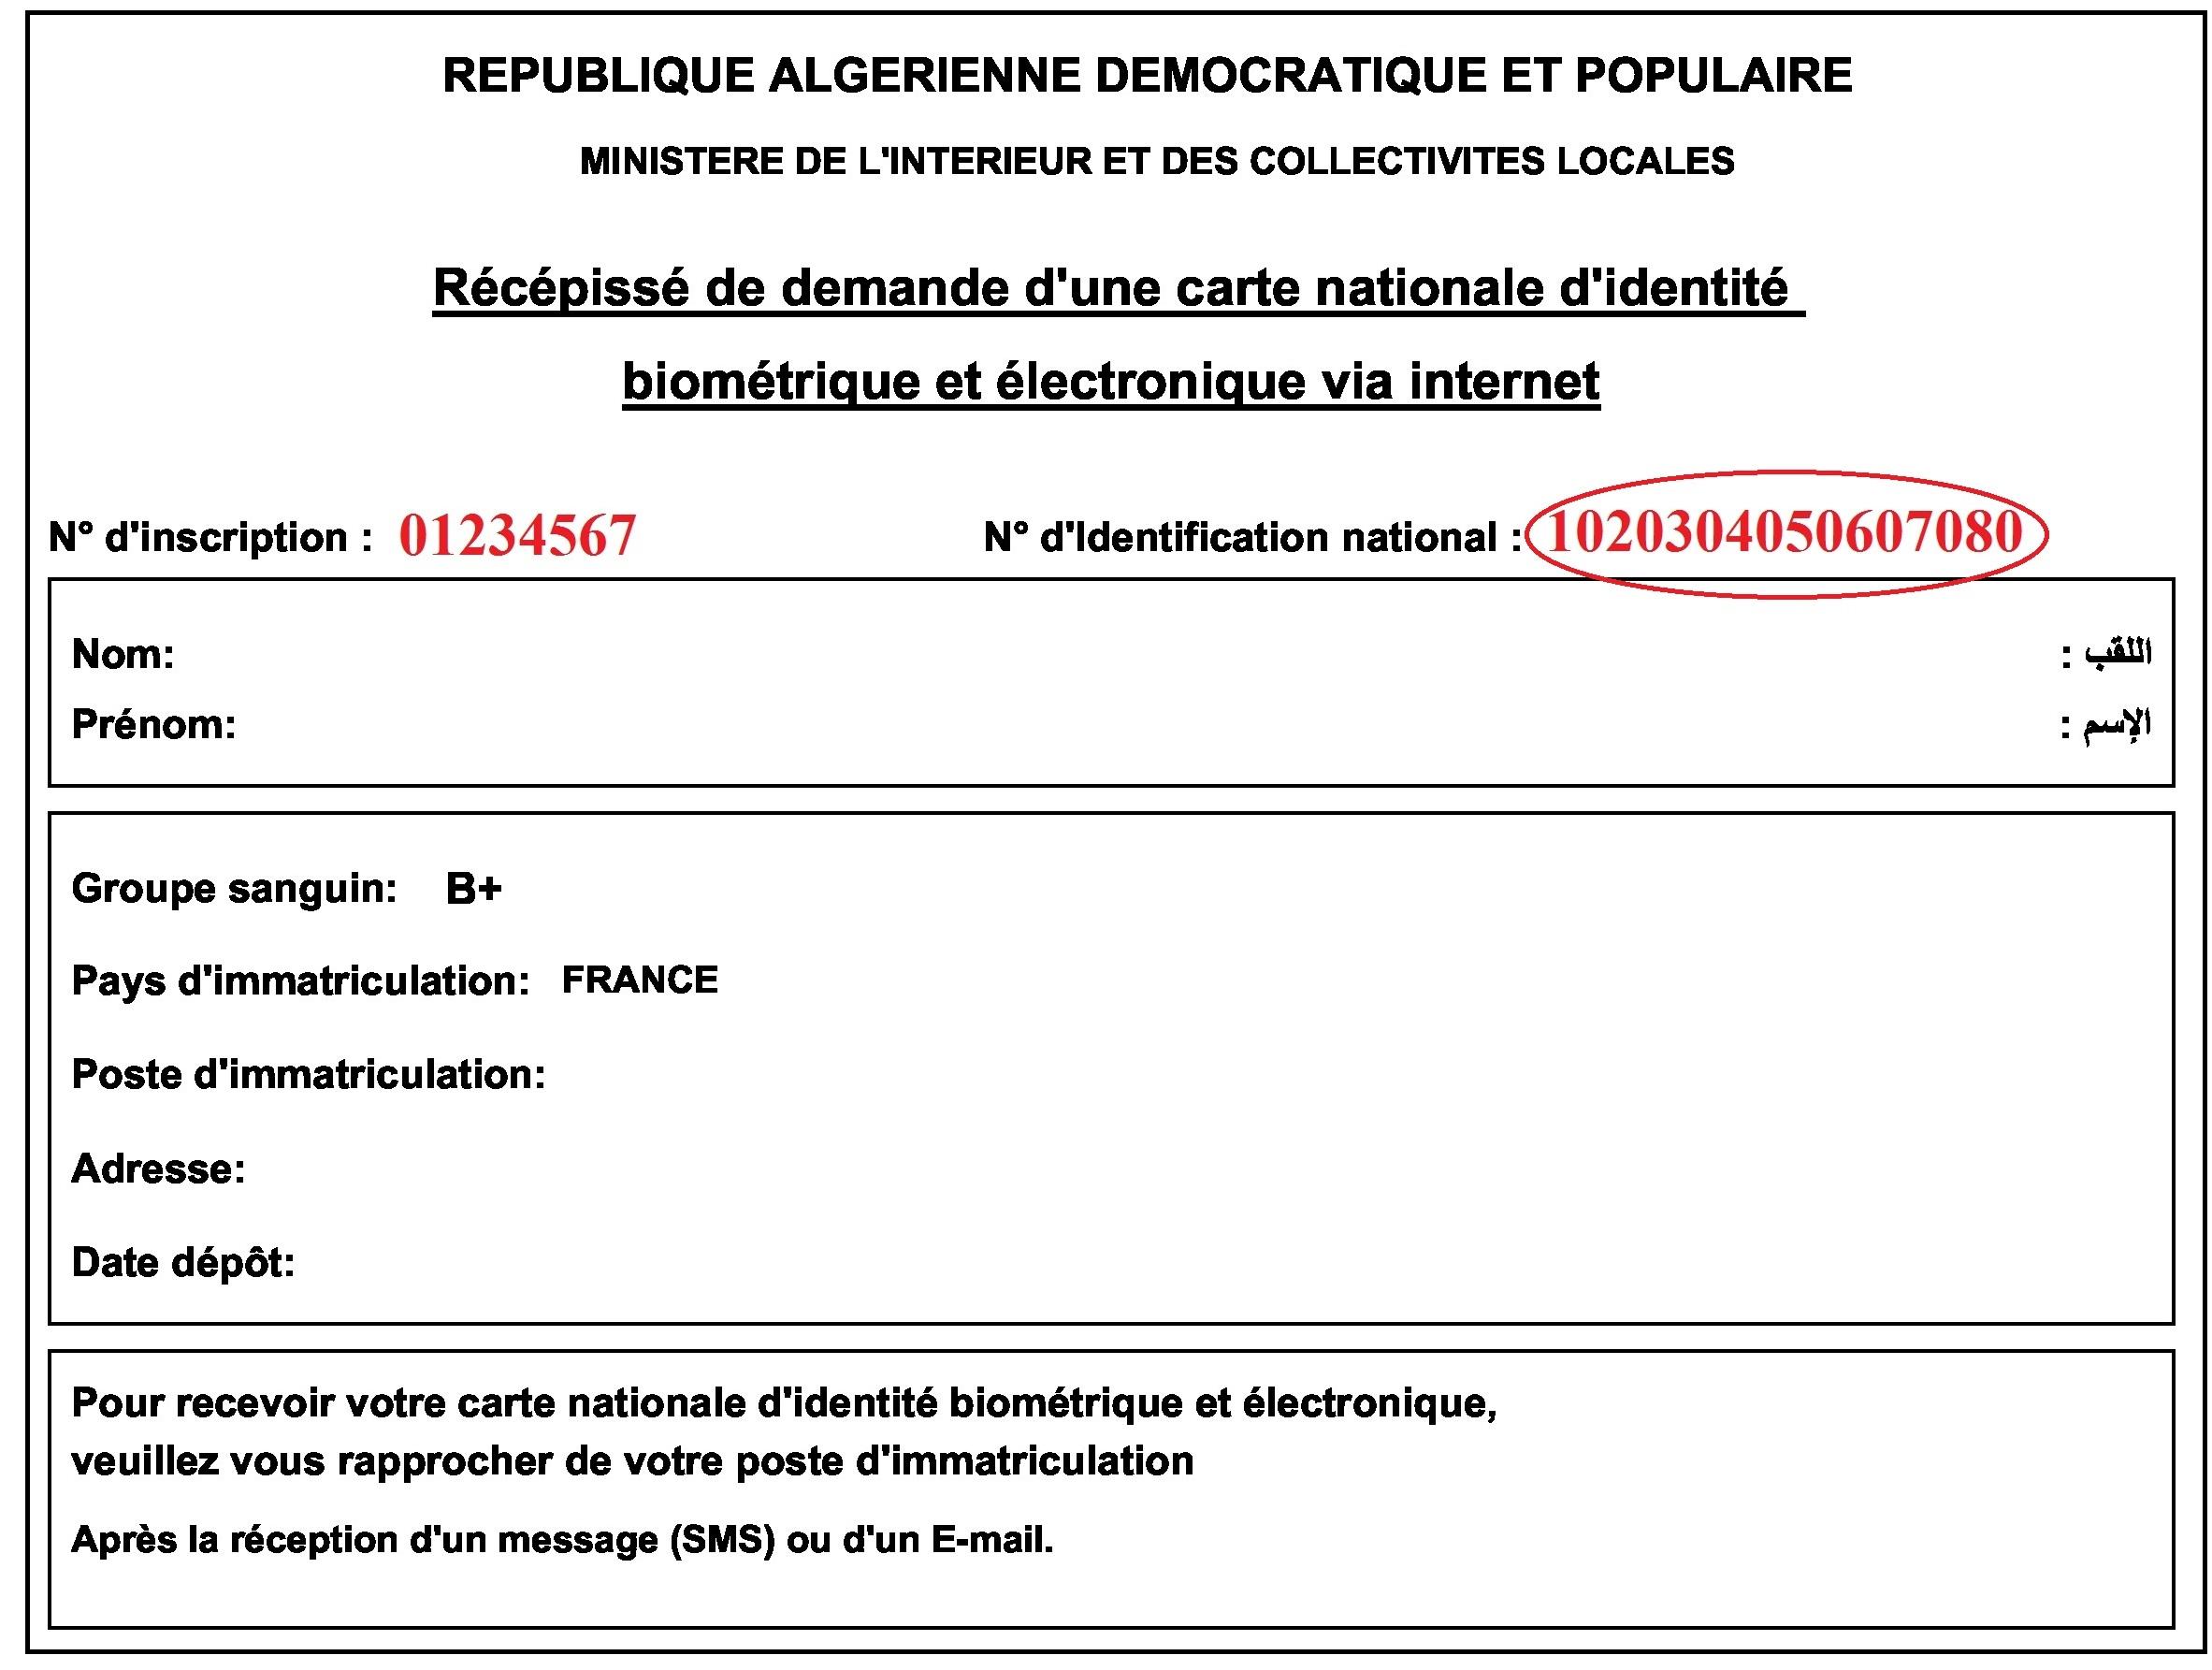 récépissé de demande carte nationale d'identité biométrique algérie